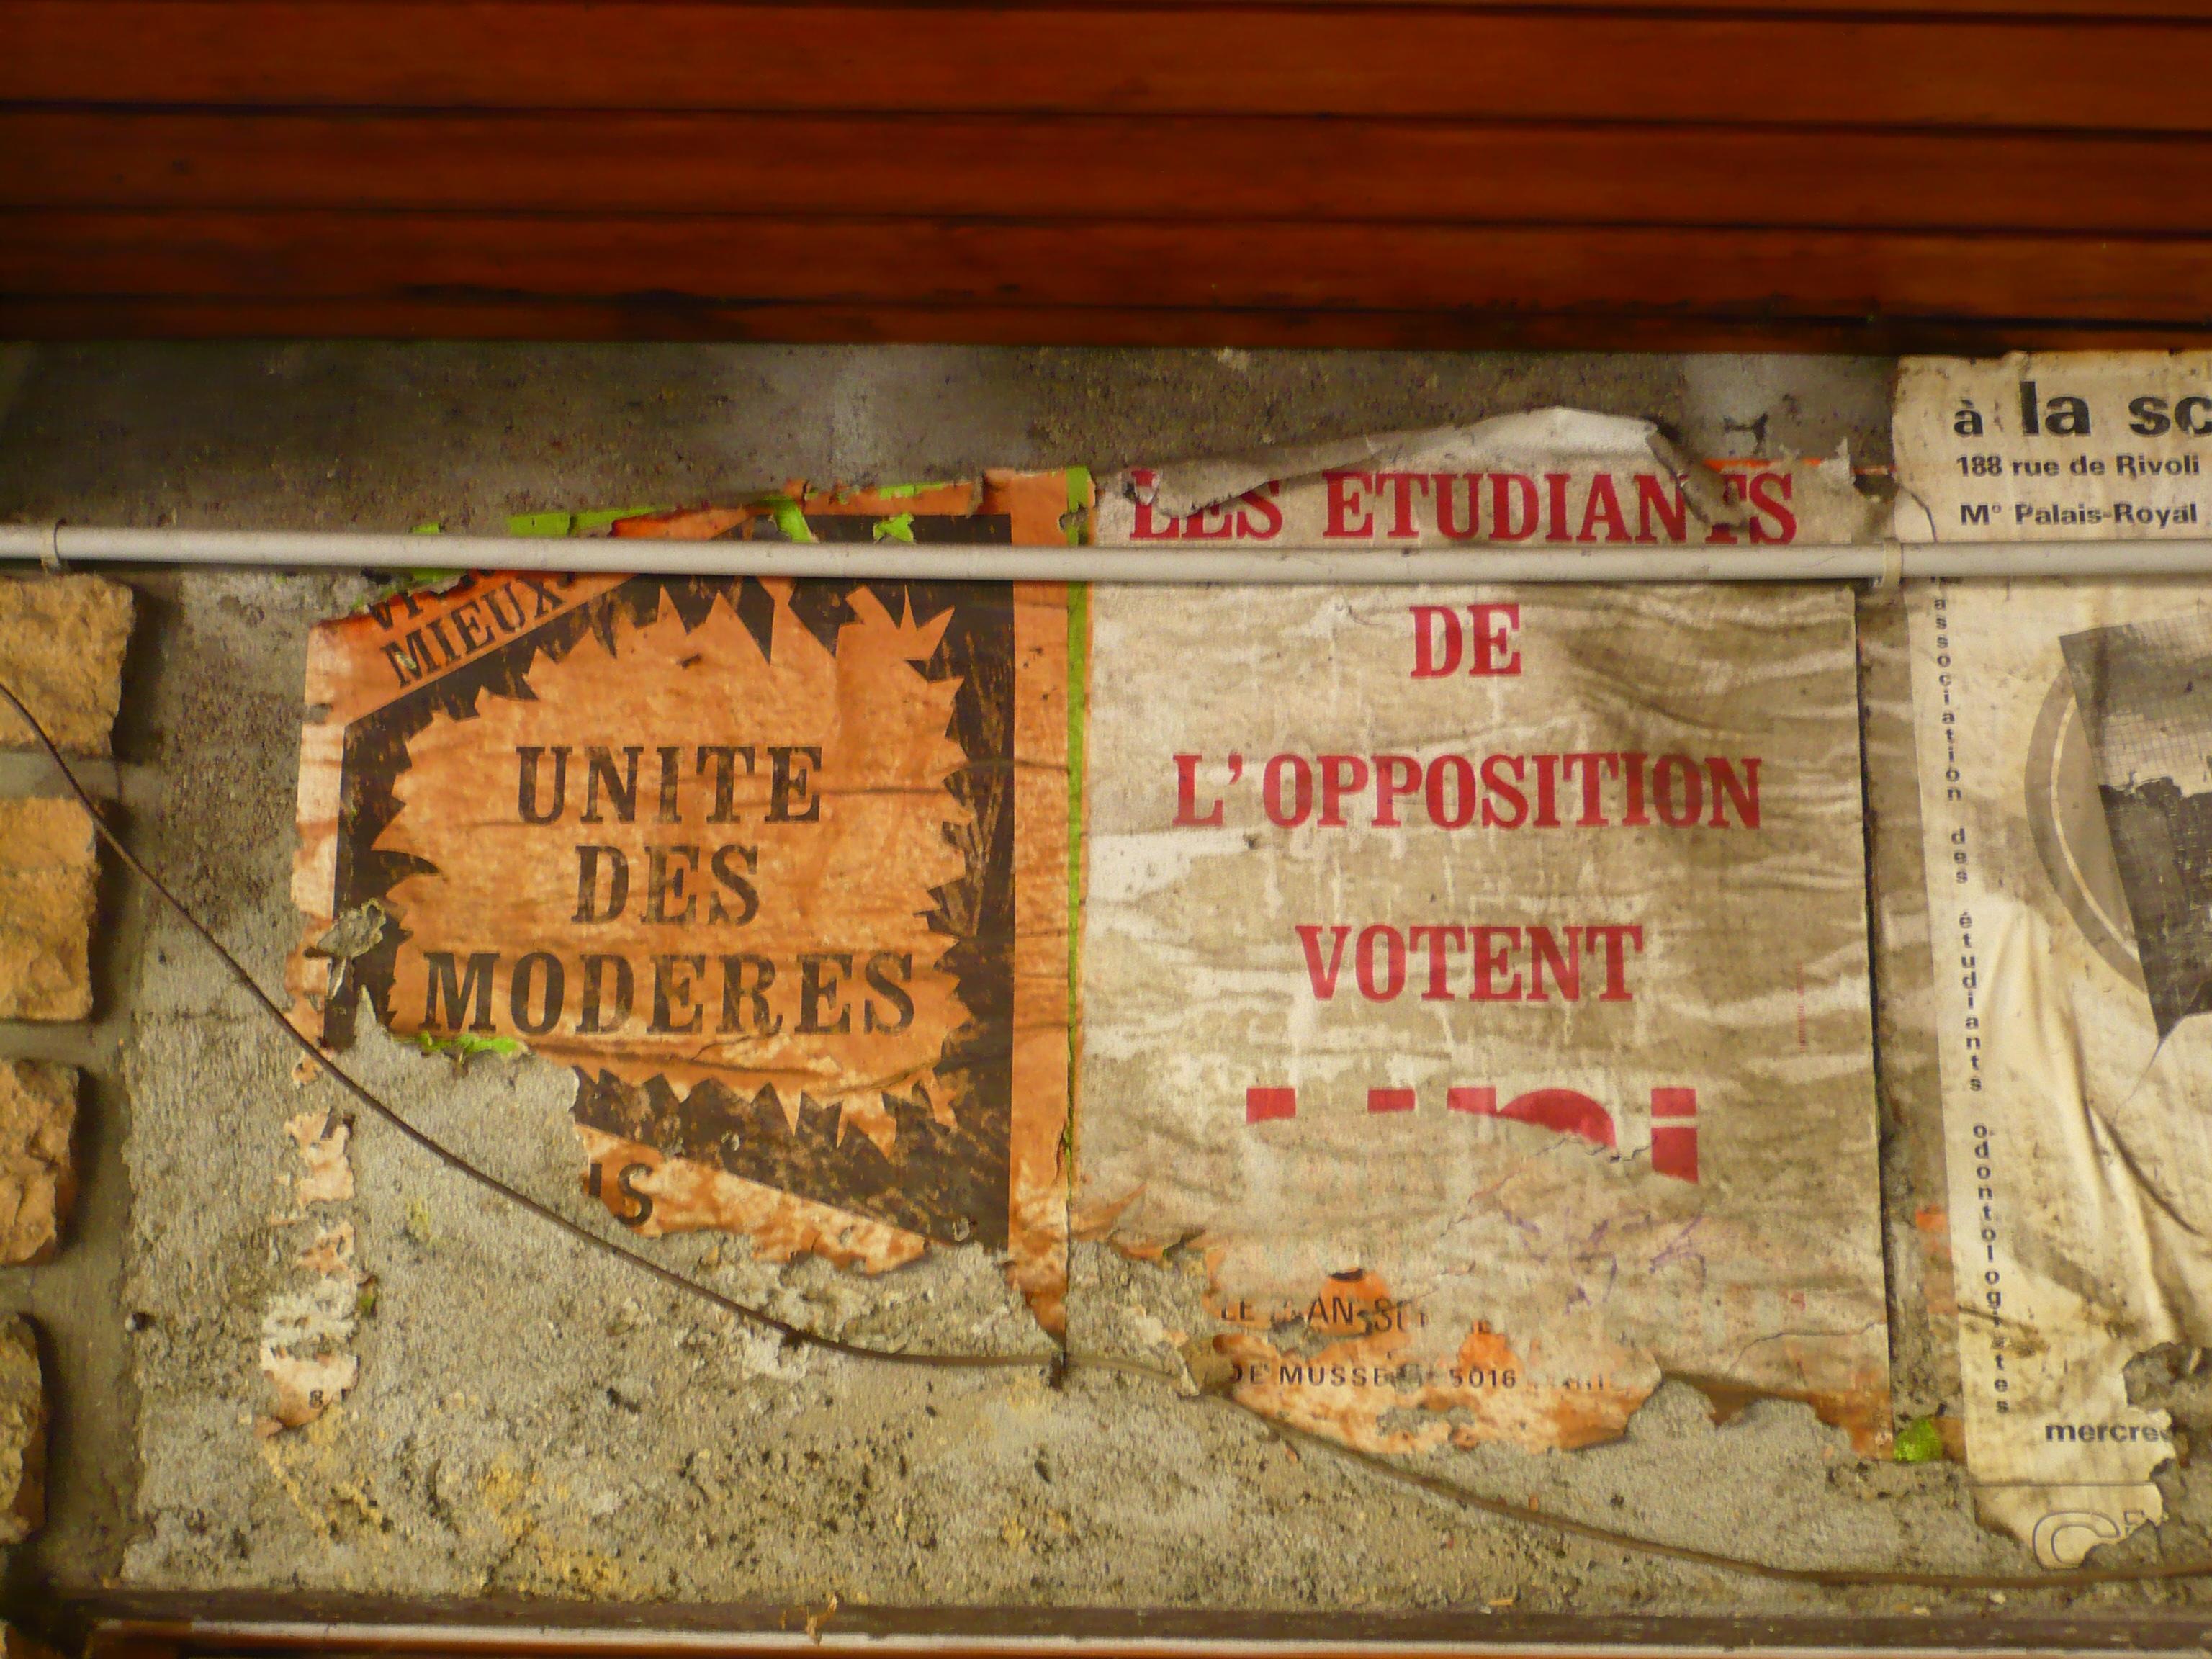 Unité des modérés